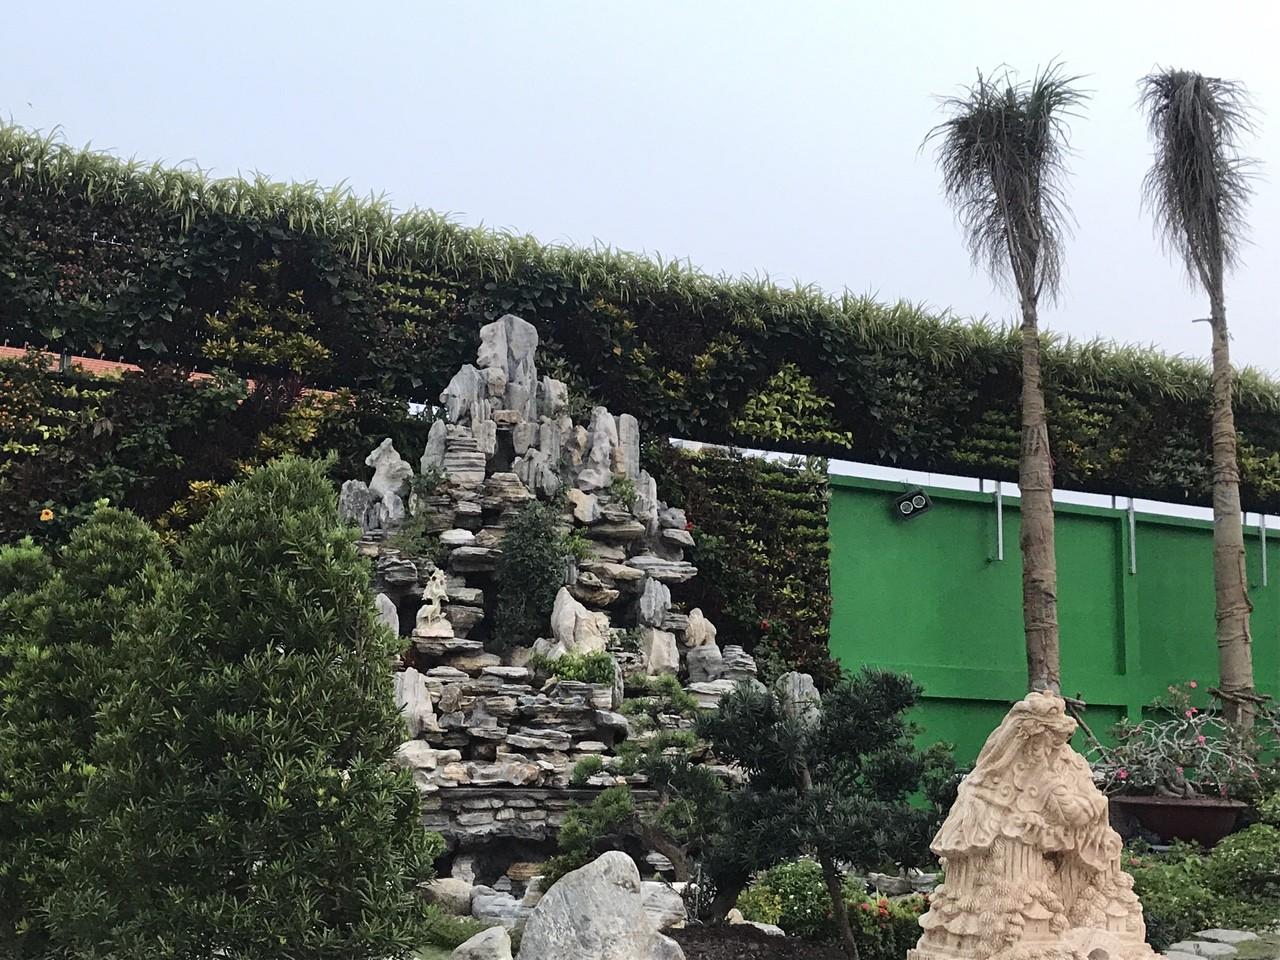 quang anh địa chỉ thiết kế tường cây uy tín tại nhà